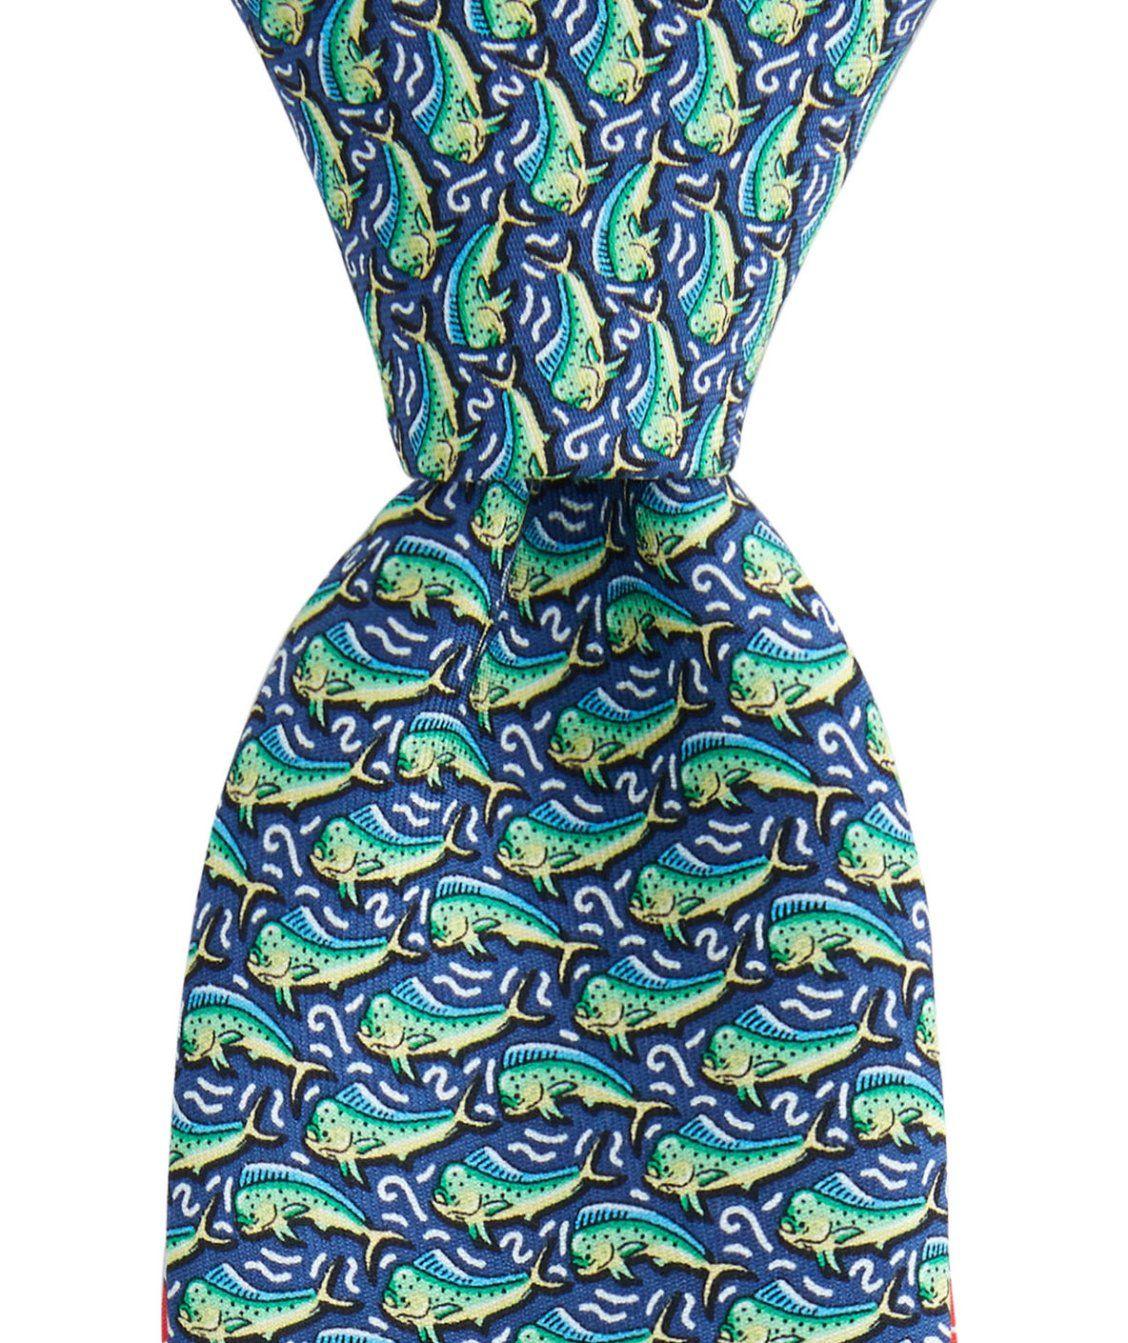 ee7c444335d6 Boys Mahi Printed Tie | tie one on | Boys ties, Tie, Vineyard vines